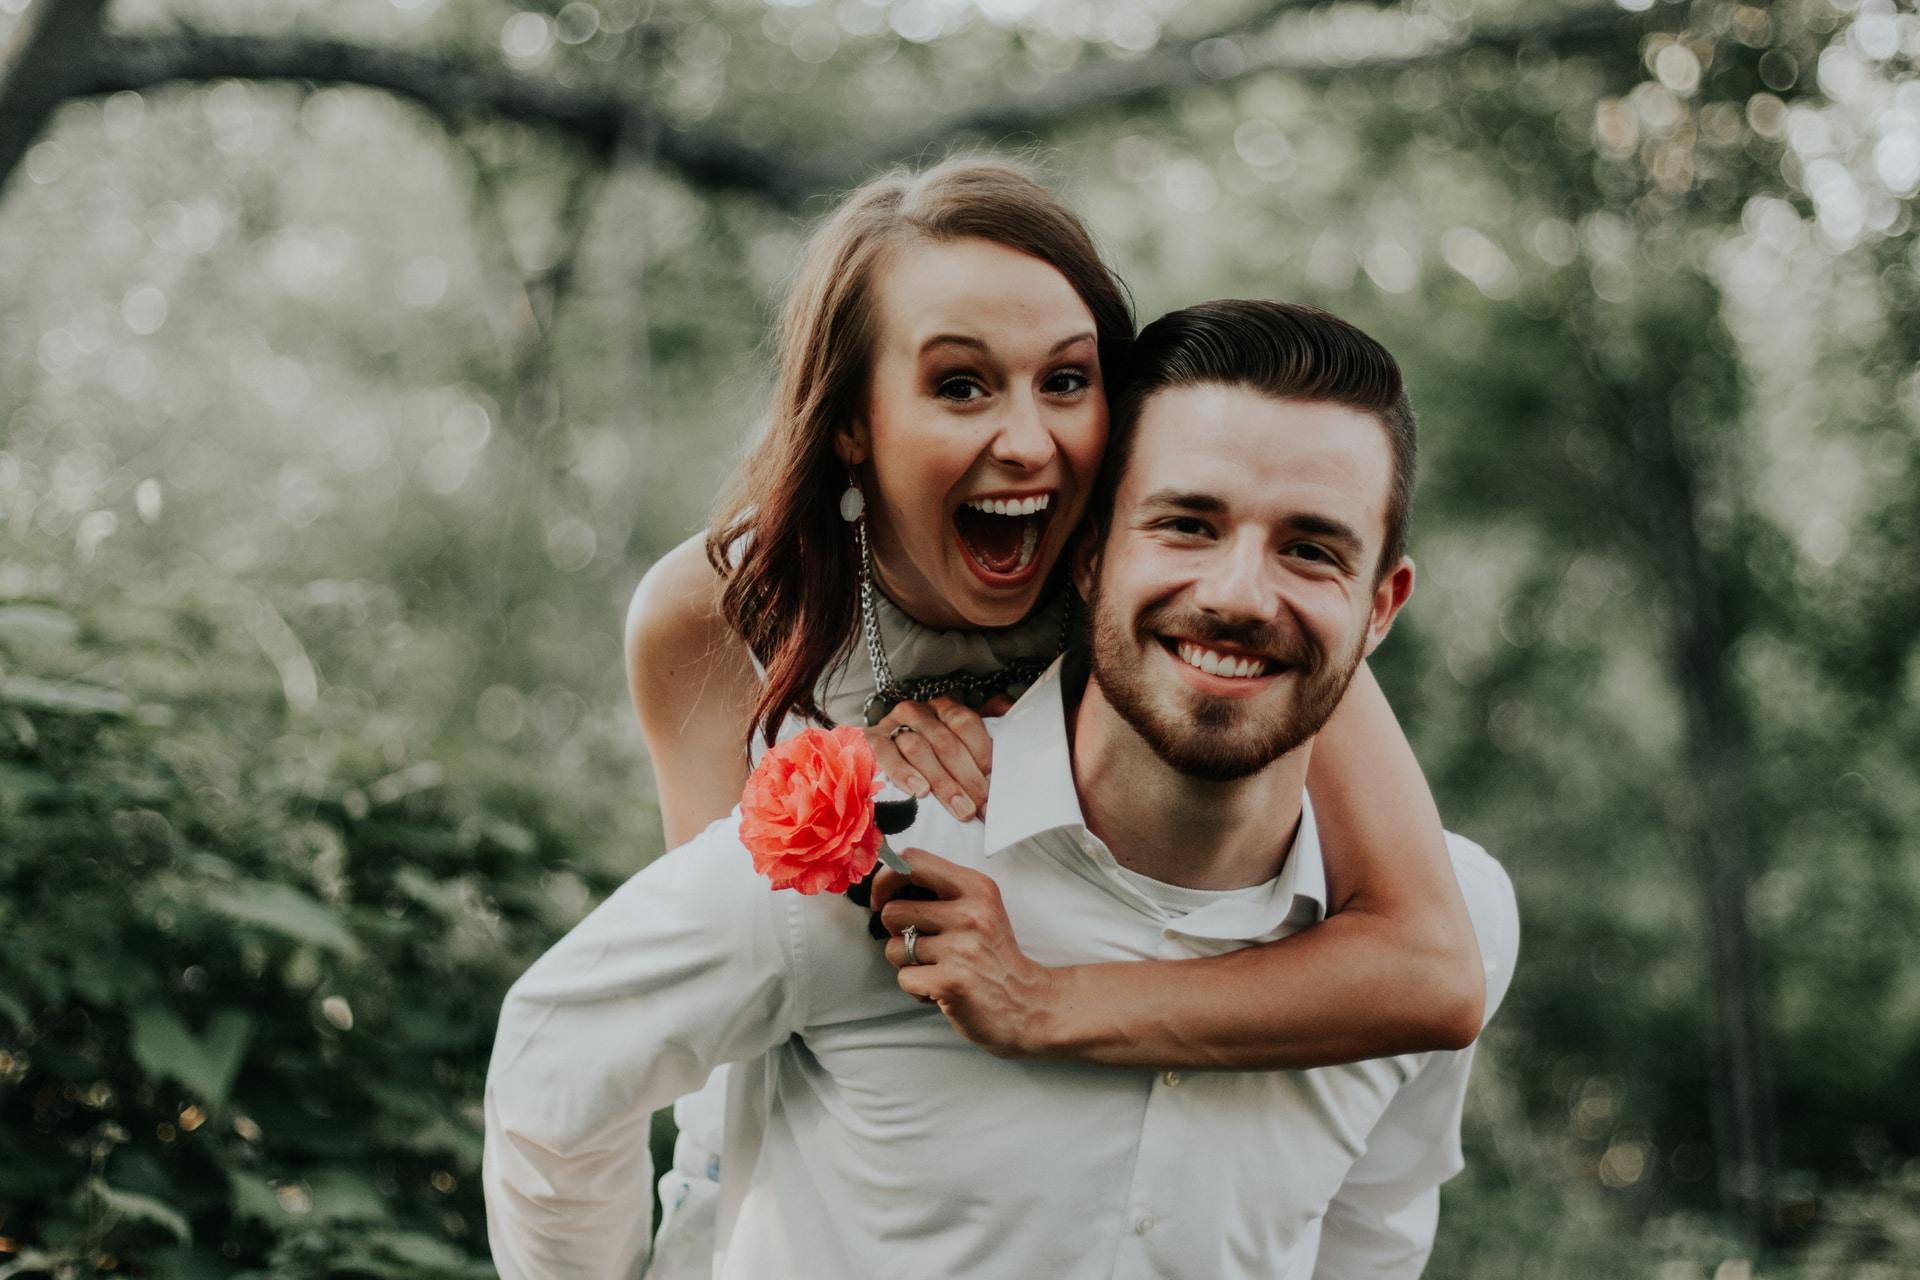 έκπληξη στην νύφη